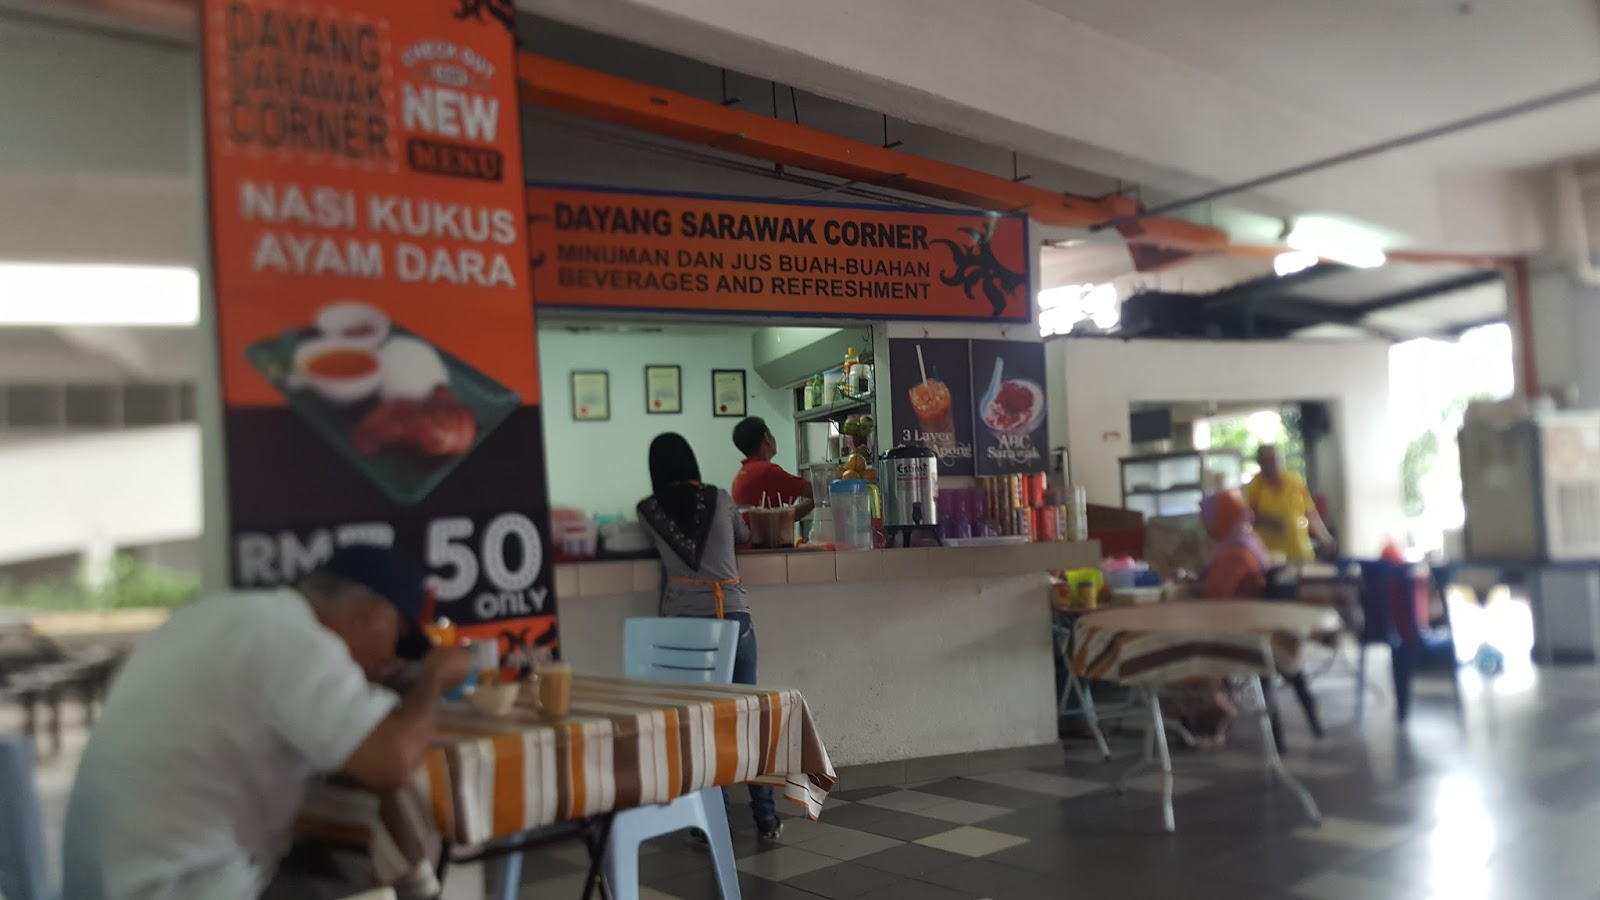 Tanpa Berlengah Saya Ajak Wife Dan Anak2 Bersiap Terus Kami Gerak Ke Sg Besi Menuju Dayang Sarawak Corner